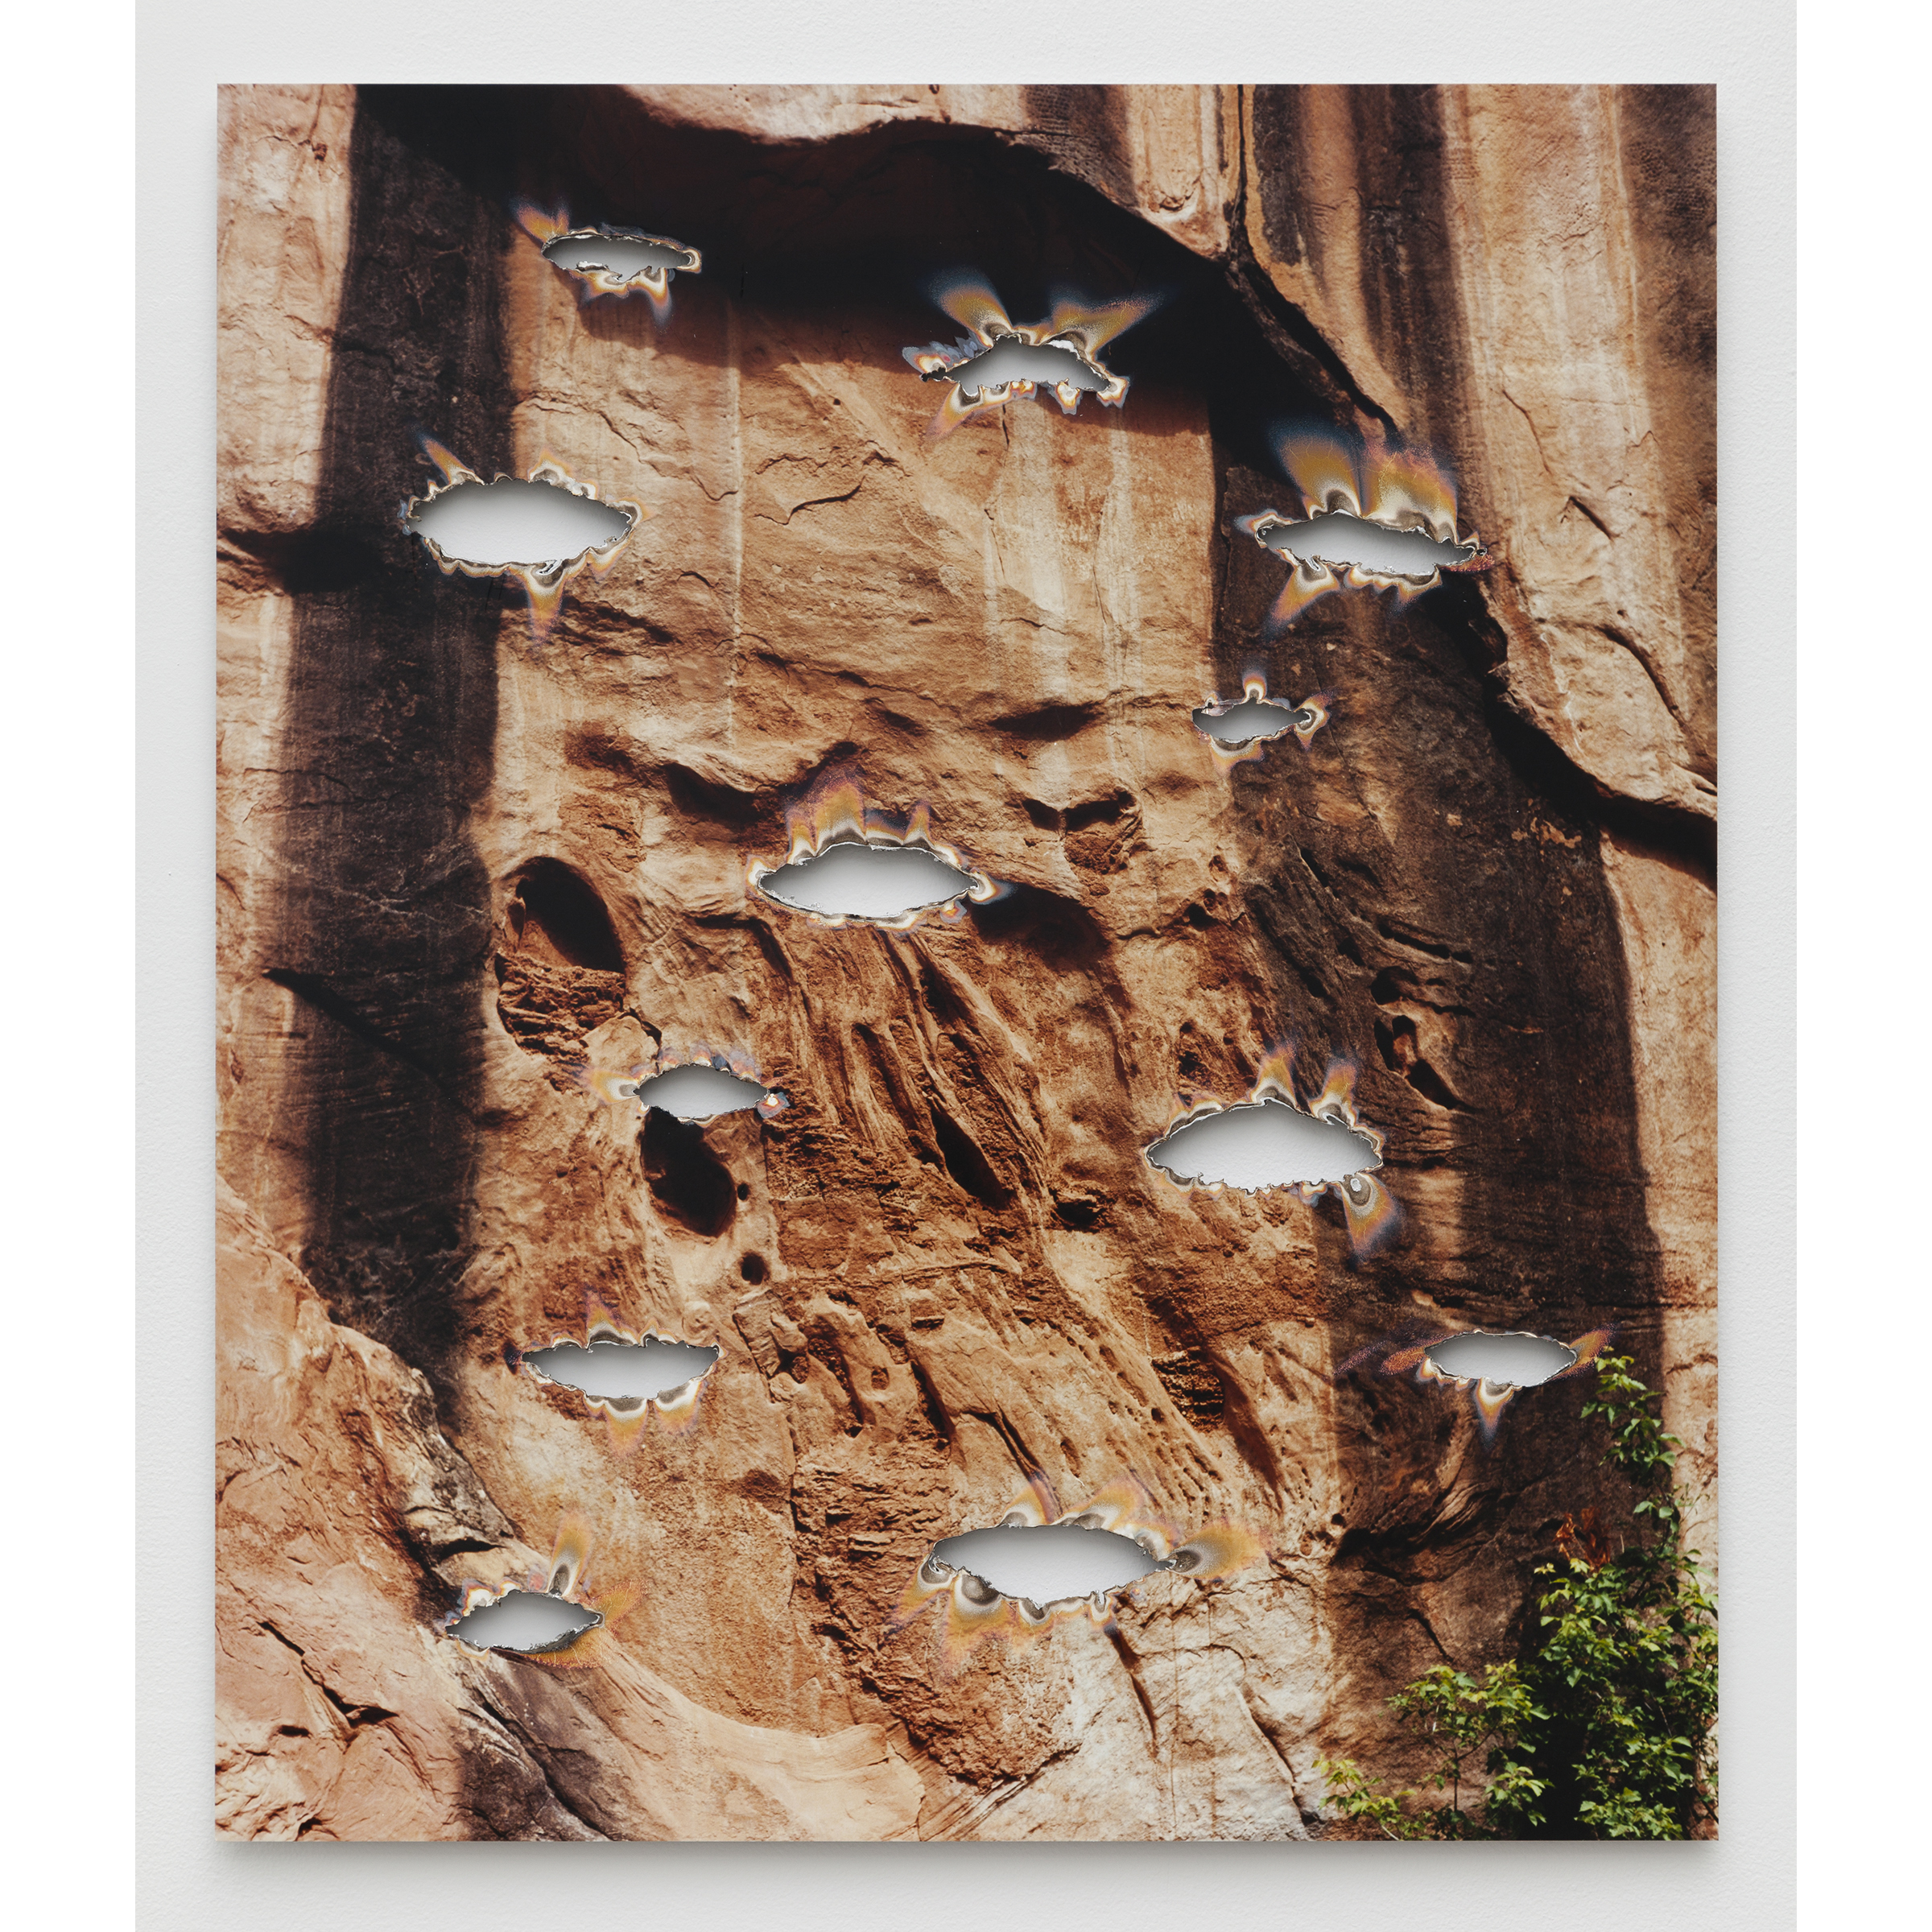 Letha Wilson, Pool Creek Canyon (Burnouts) , 2015,unique c-print, aluminum,28 x 24 x 0.5 in